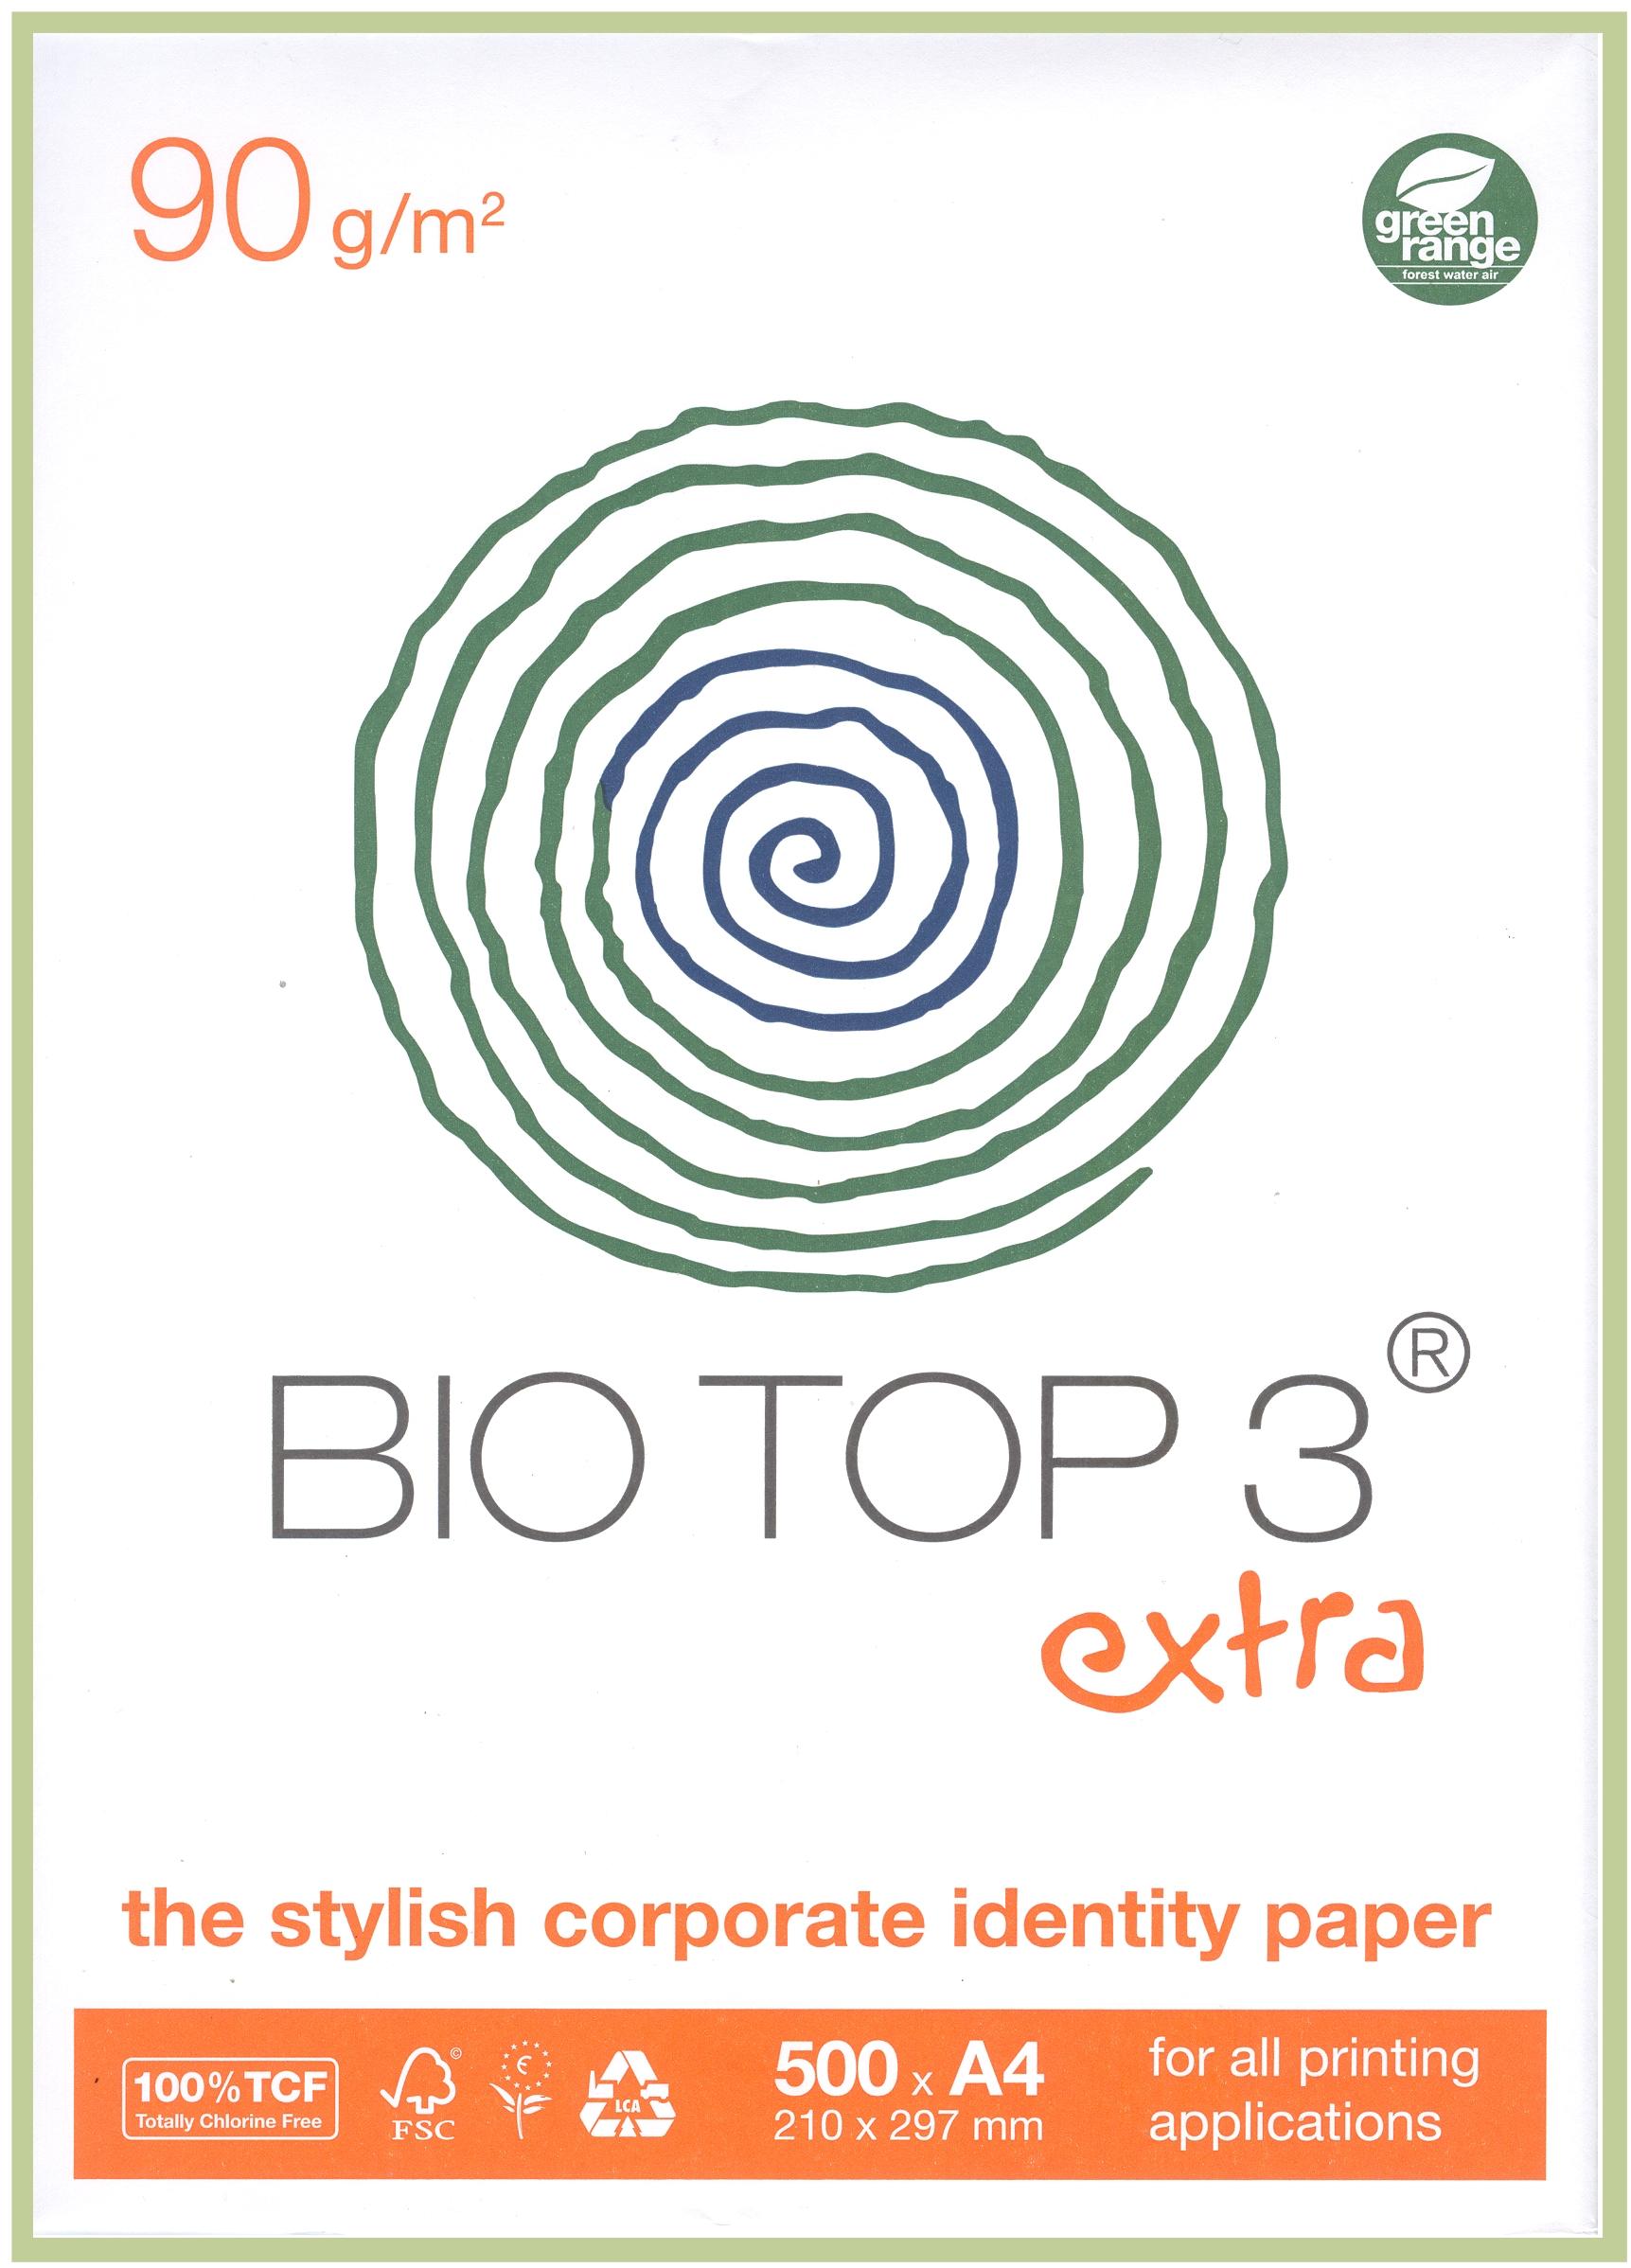 BioTop 3 extra lot de 90 g//m /² /à imprimer format 5-4000 feuilles